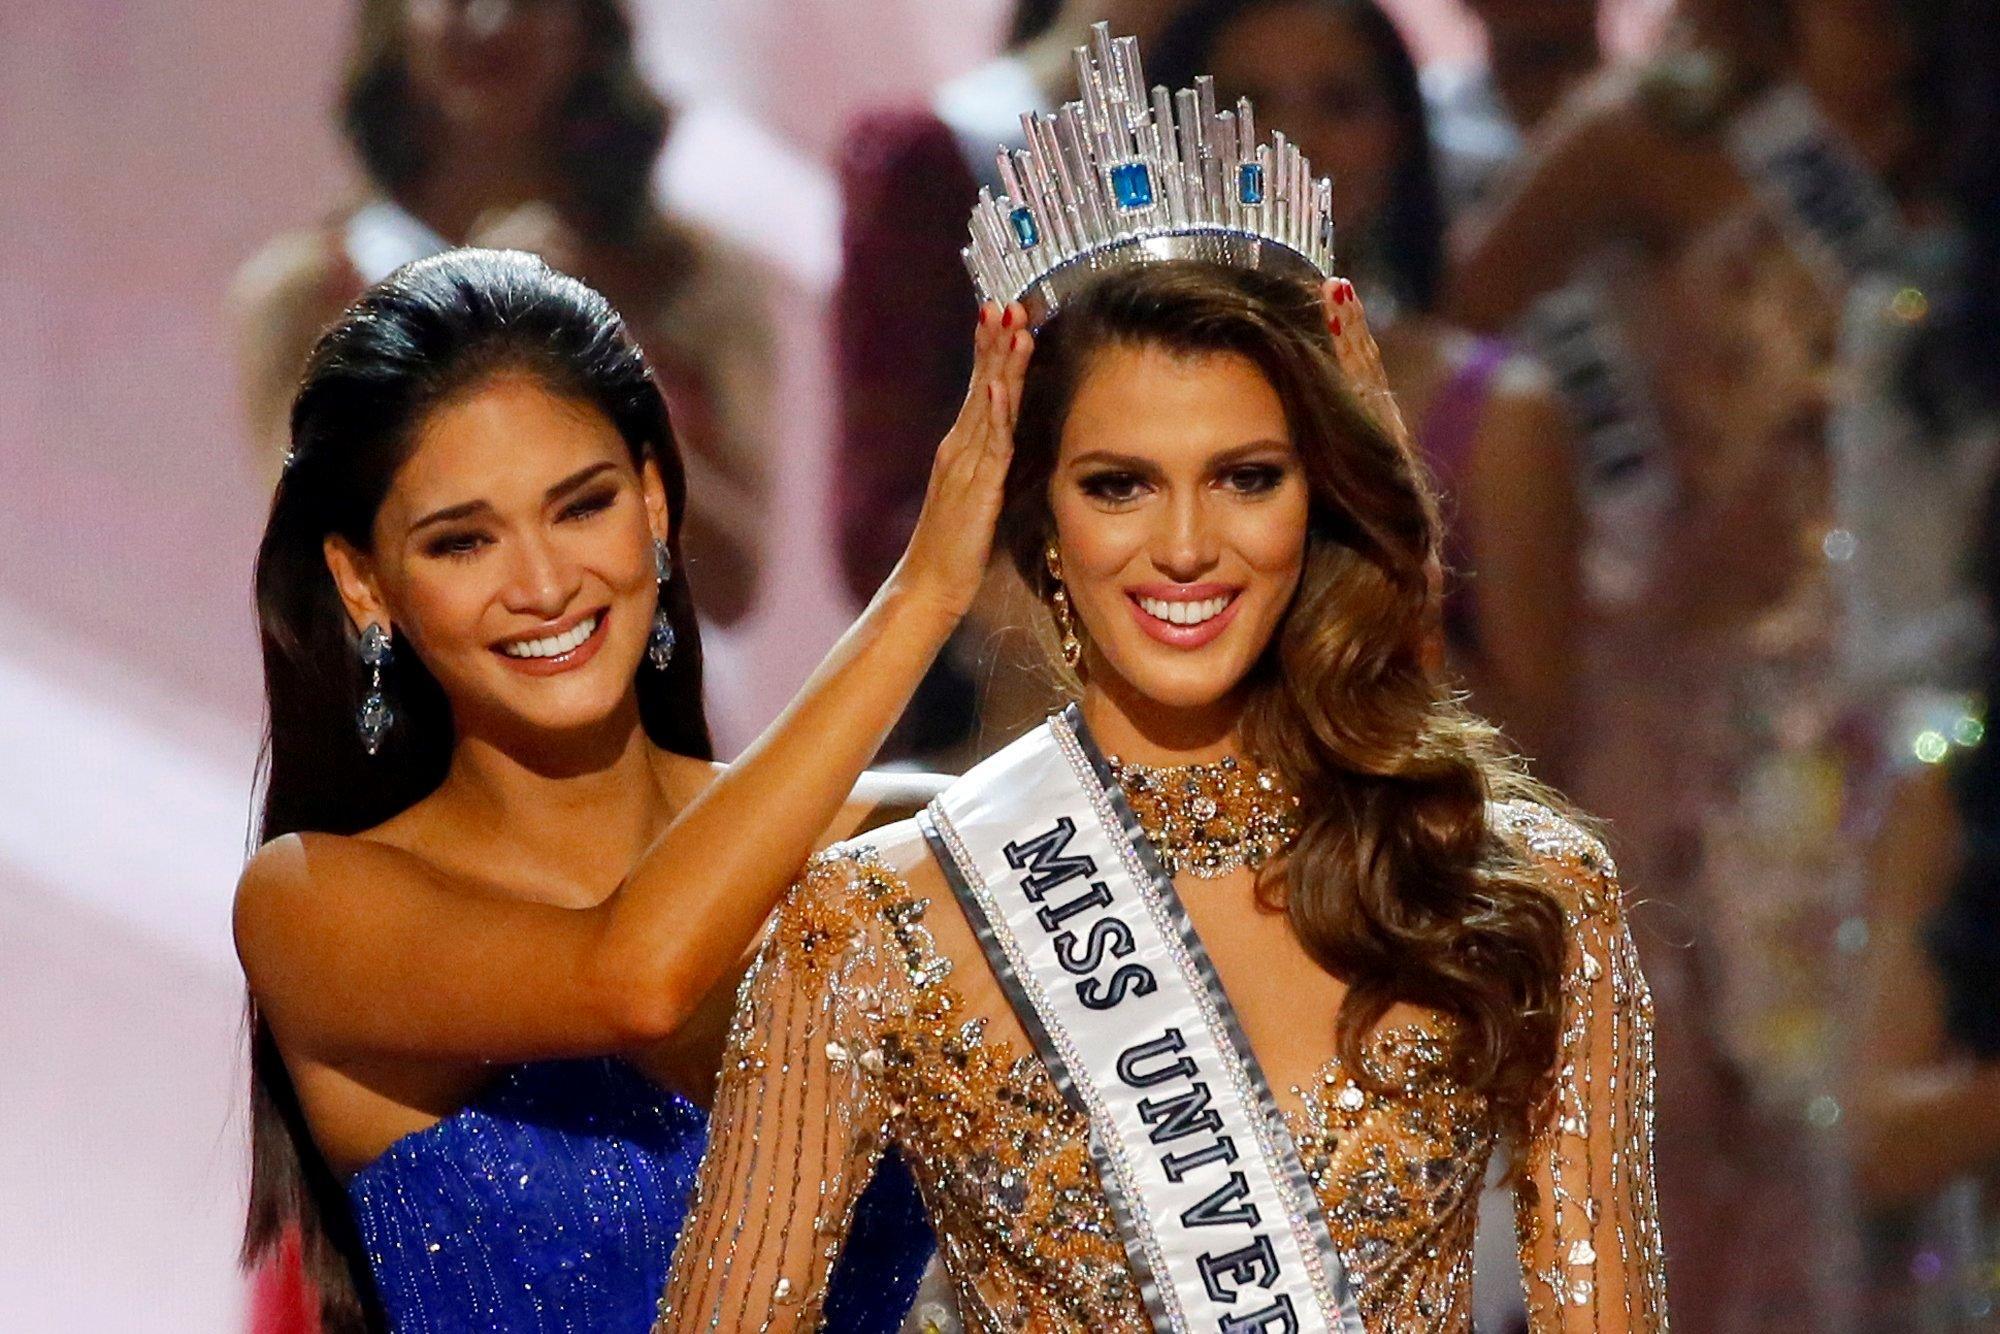 Francia gana el Miss Universo 2017, Colombia es tercera